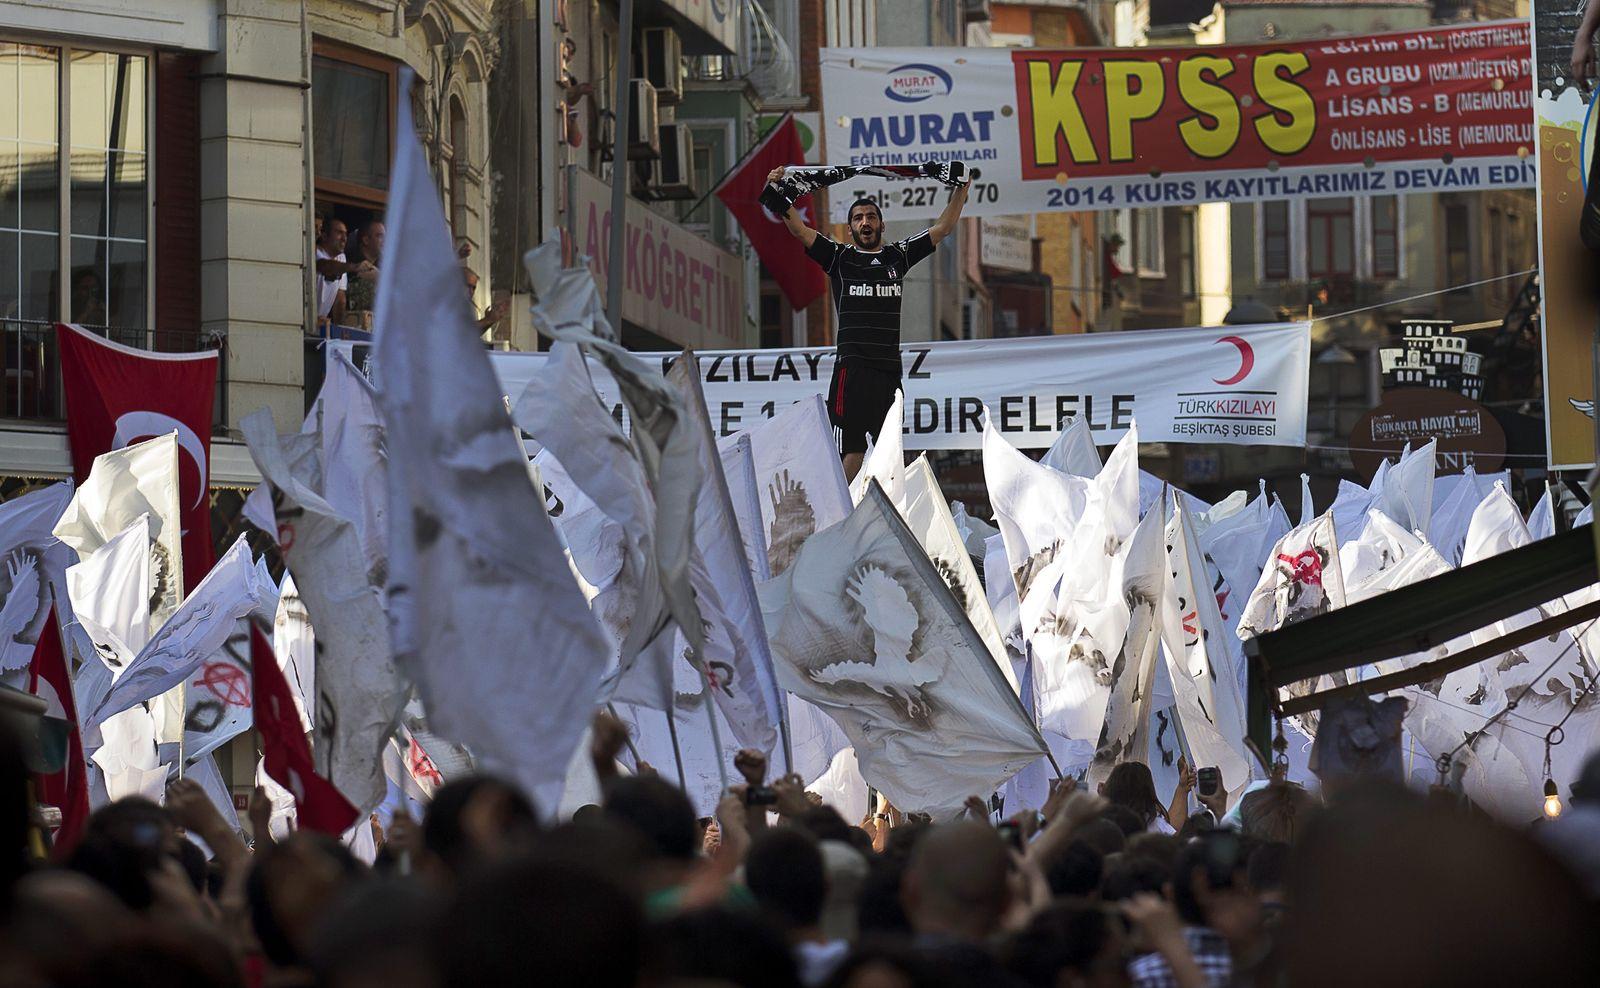 DER SPIEGEL 27/2013 S. 94 SPIN Besiktas/ Anti-government demonstration in Istanbul